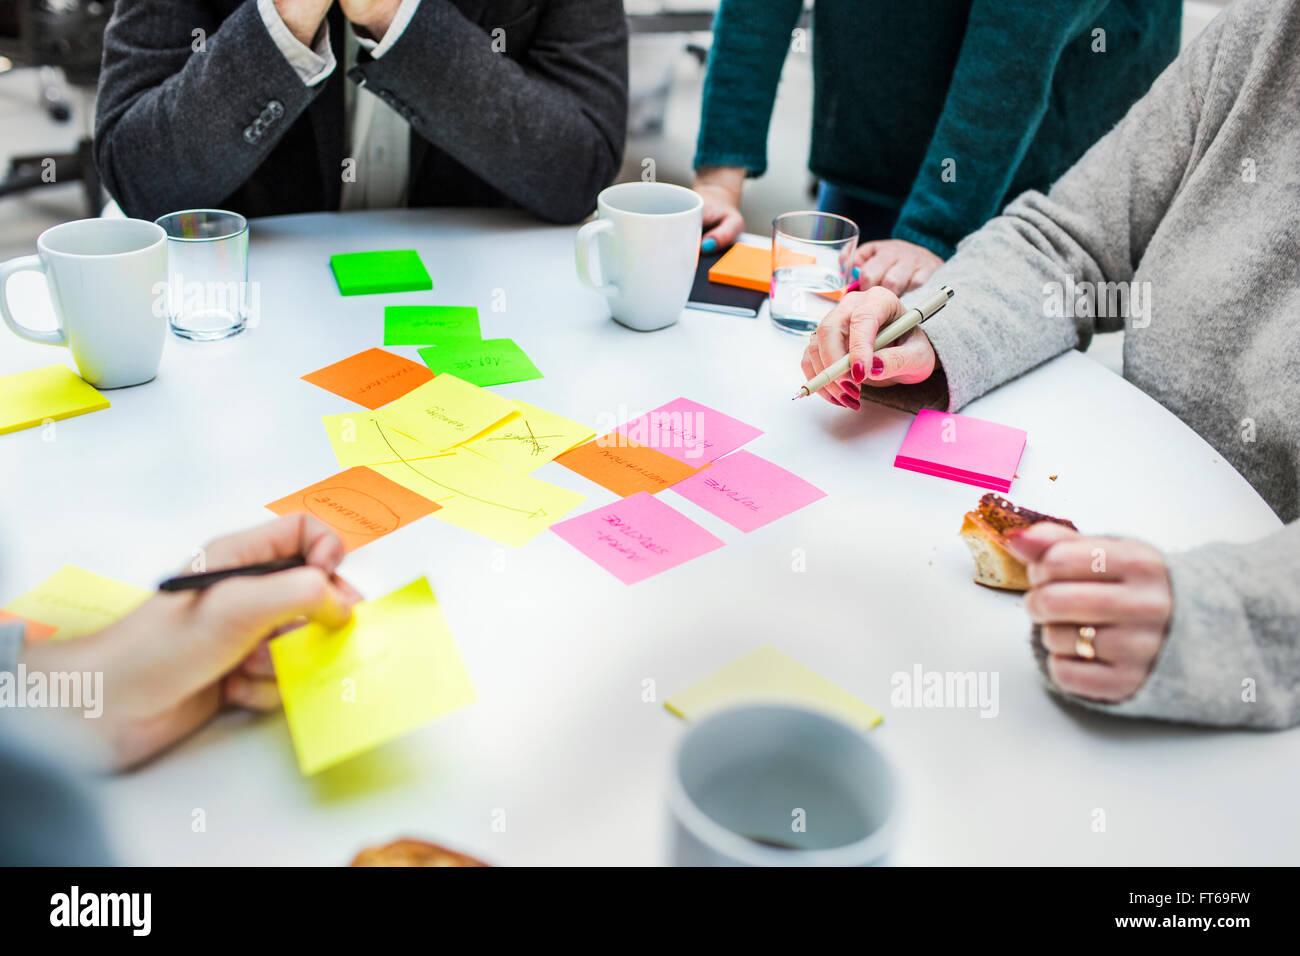 Imagen recortada de gente de negocios con notas adhesivas en la mesa en la oficina creativa Imagen De Stock